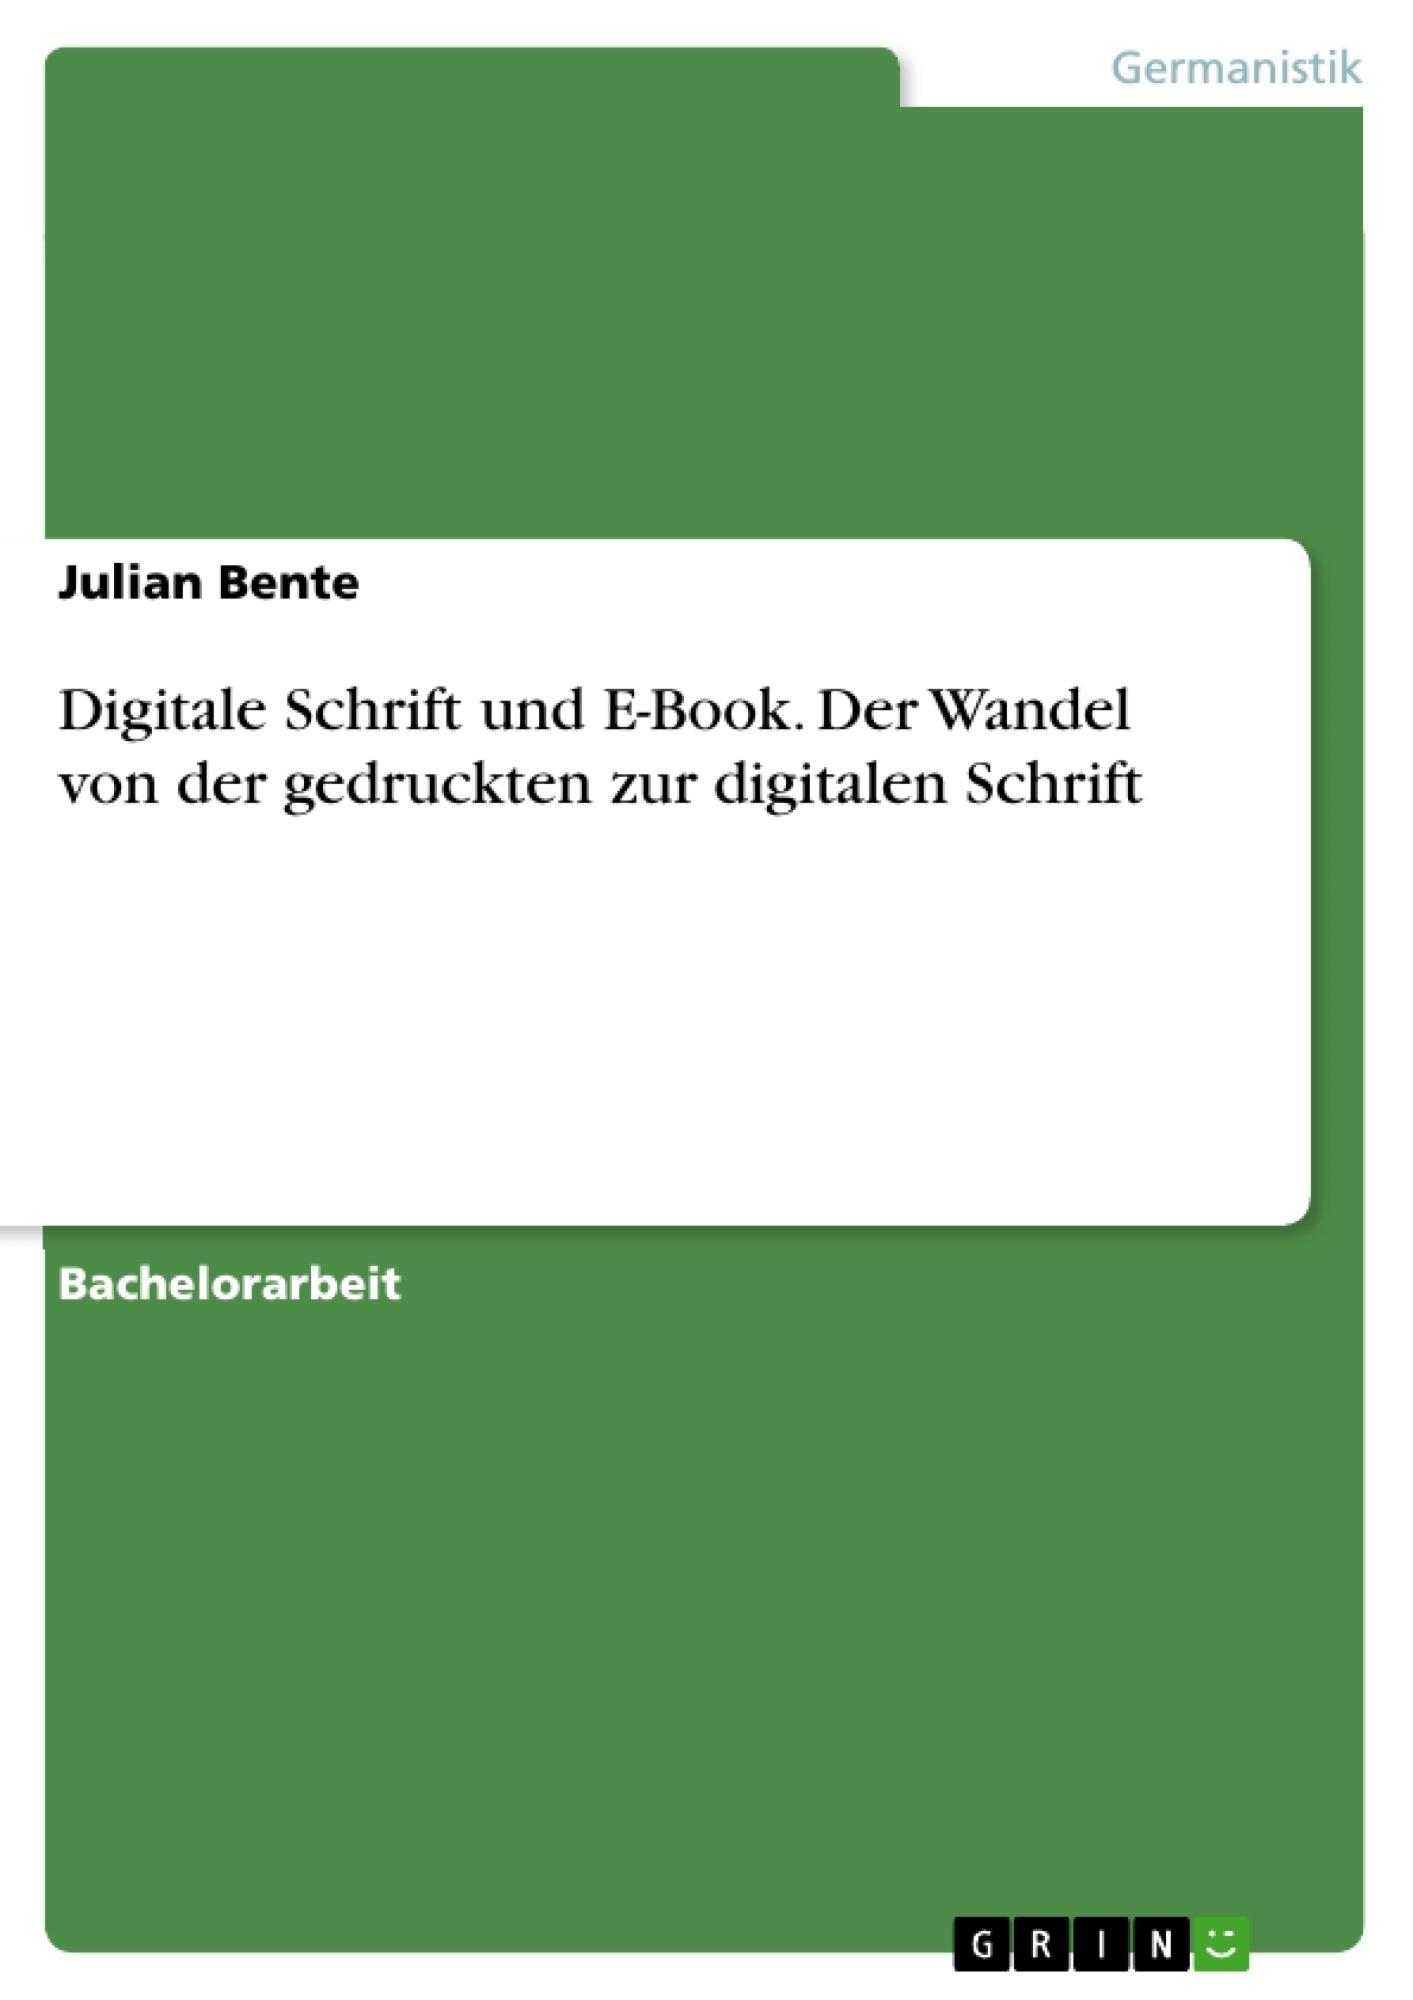 Titel: Digitale Schrift und E-Book. Der Wandel von der gedruckten zur digitalen Schrift